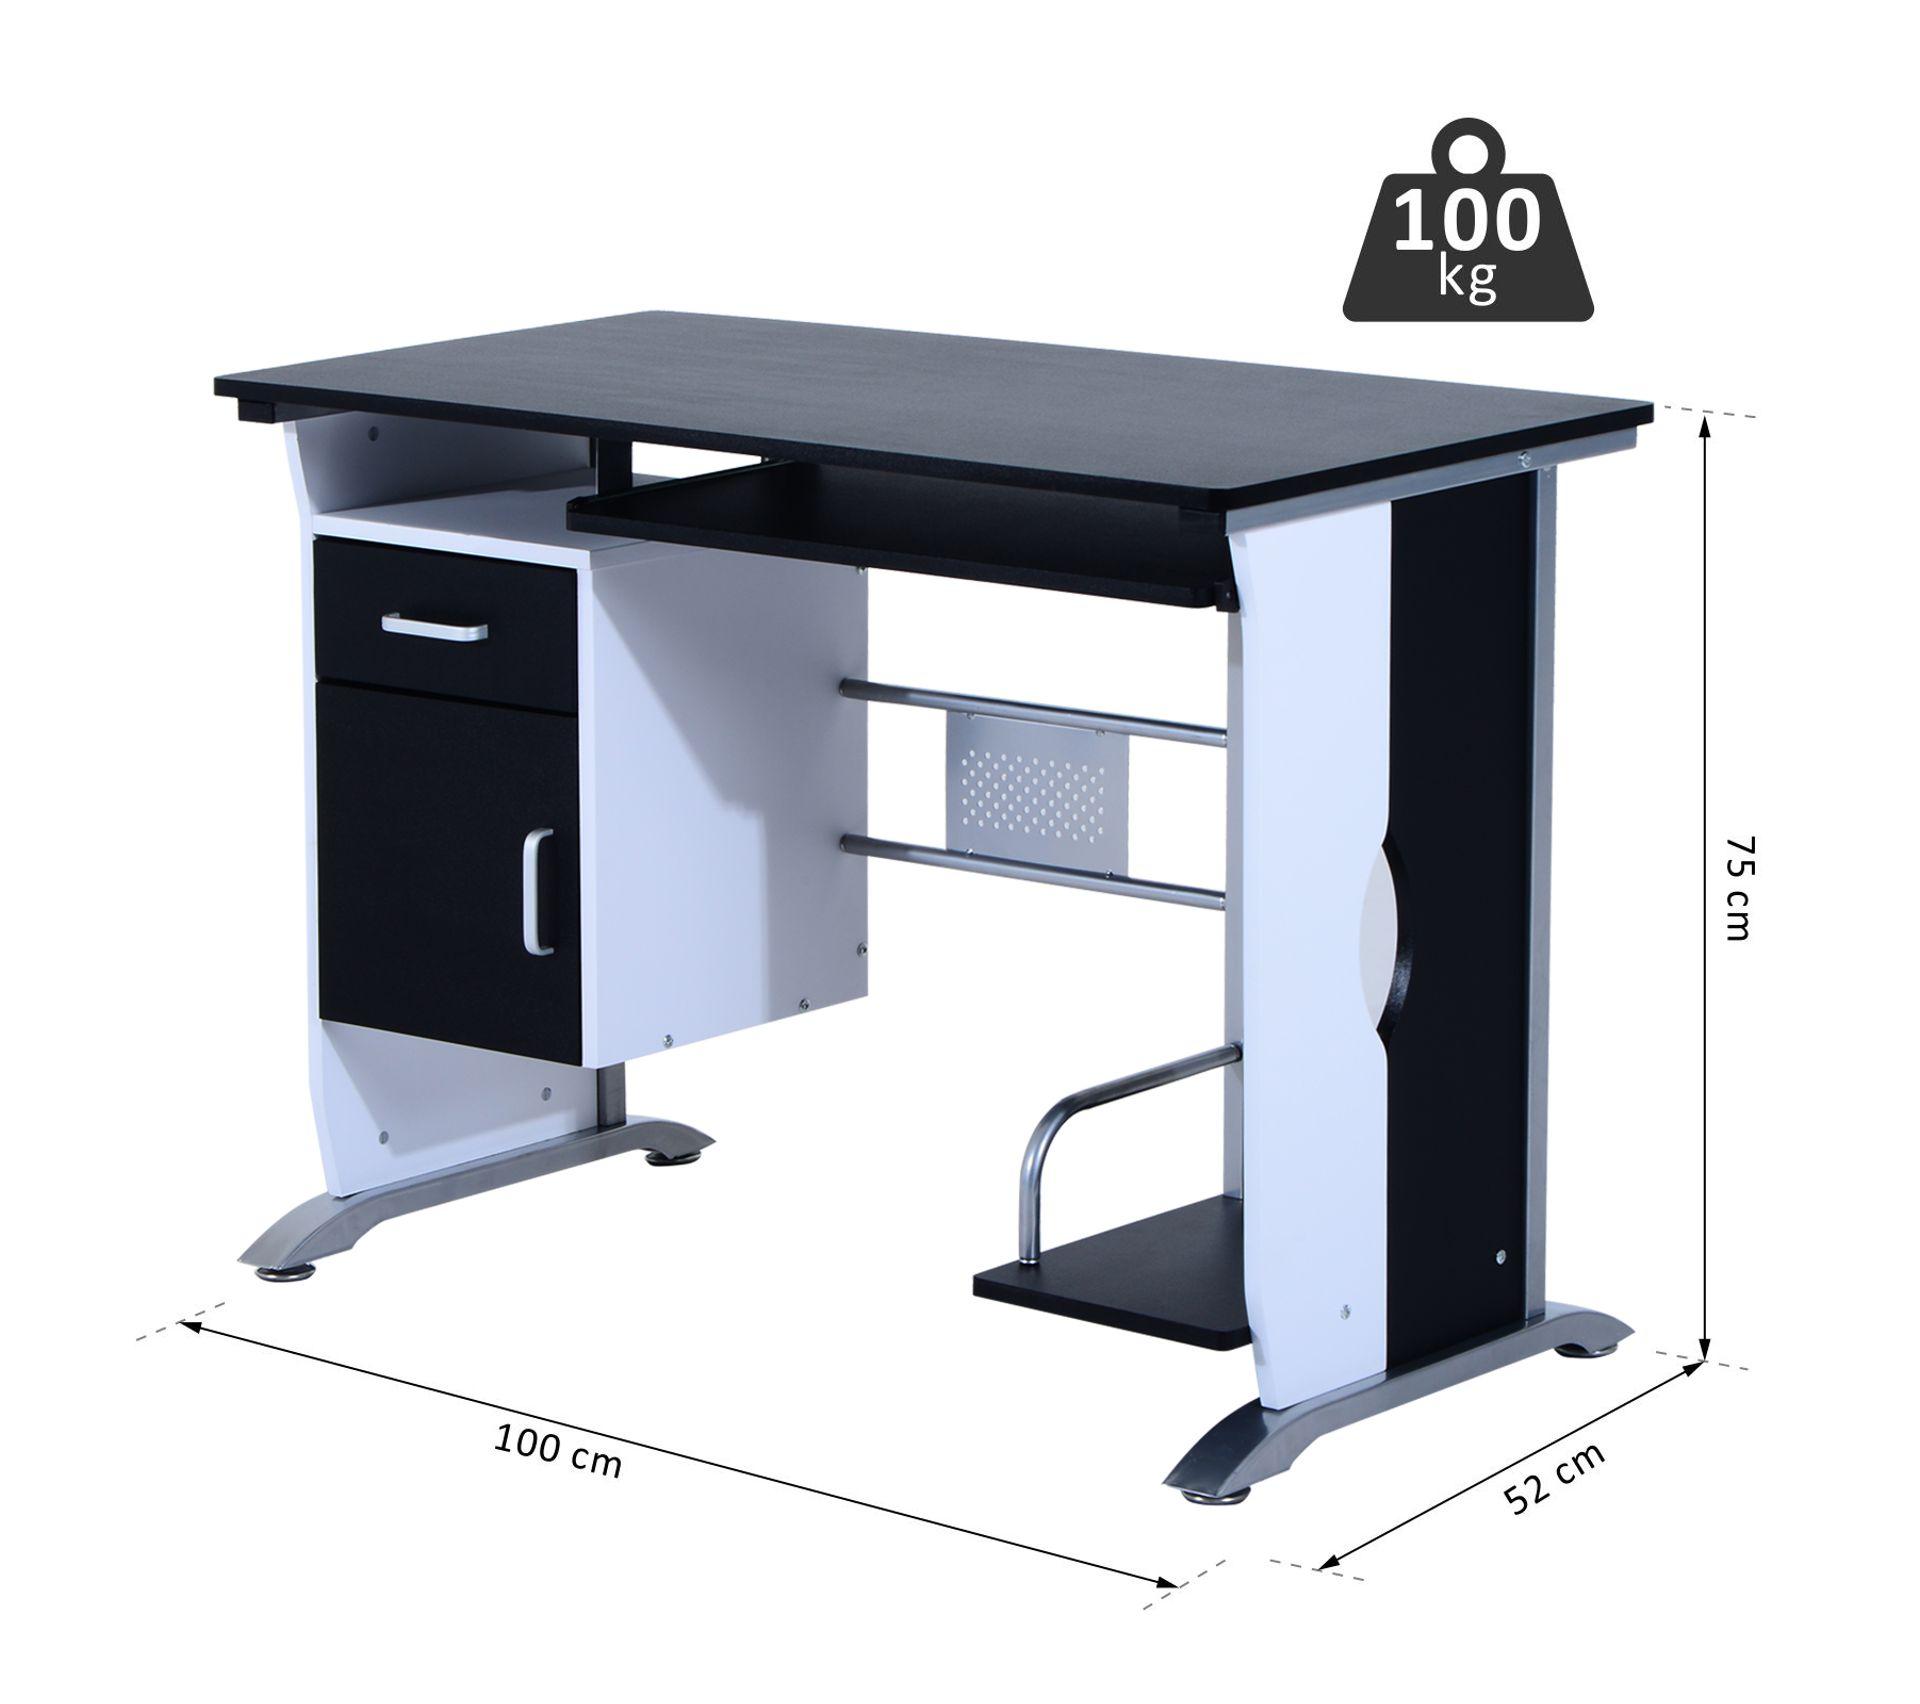 Bureau Noir Et Blanc bureau informatique design en mdf 100 l x 52 i x 75h cm noir et blanc